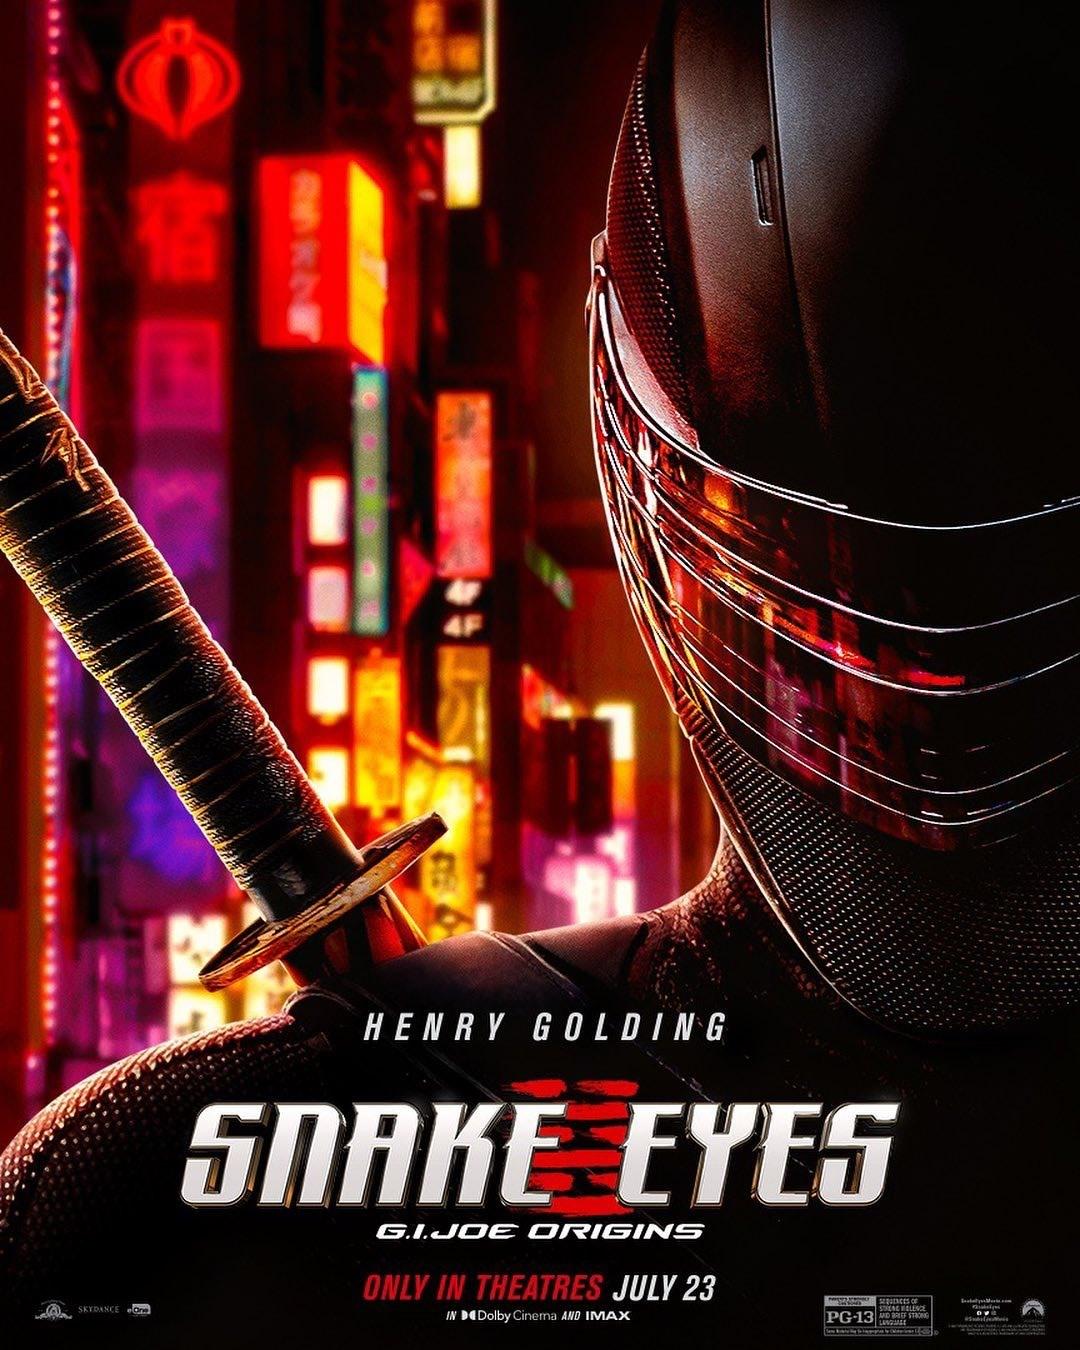 Snake Eyes: GI Joe Origins   Paramount Brasil divulga novo trailer do Spin-off da franquia GI Joe com cenas inéditas